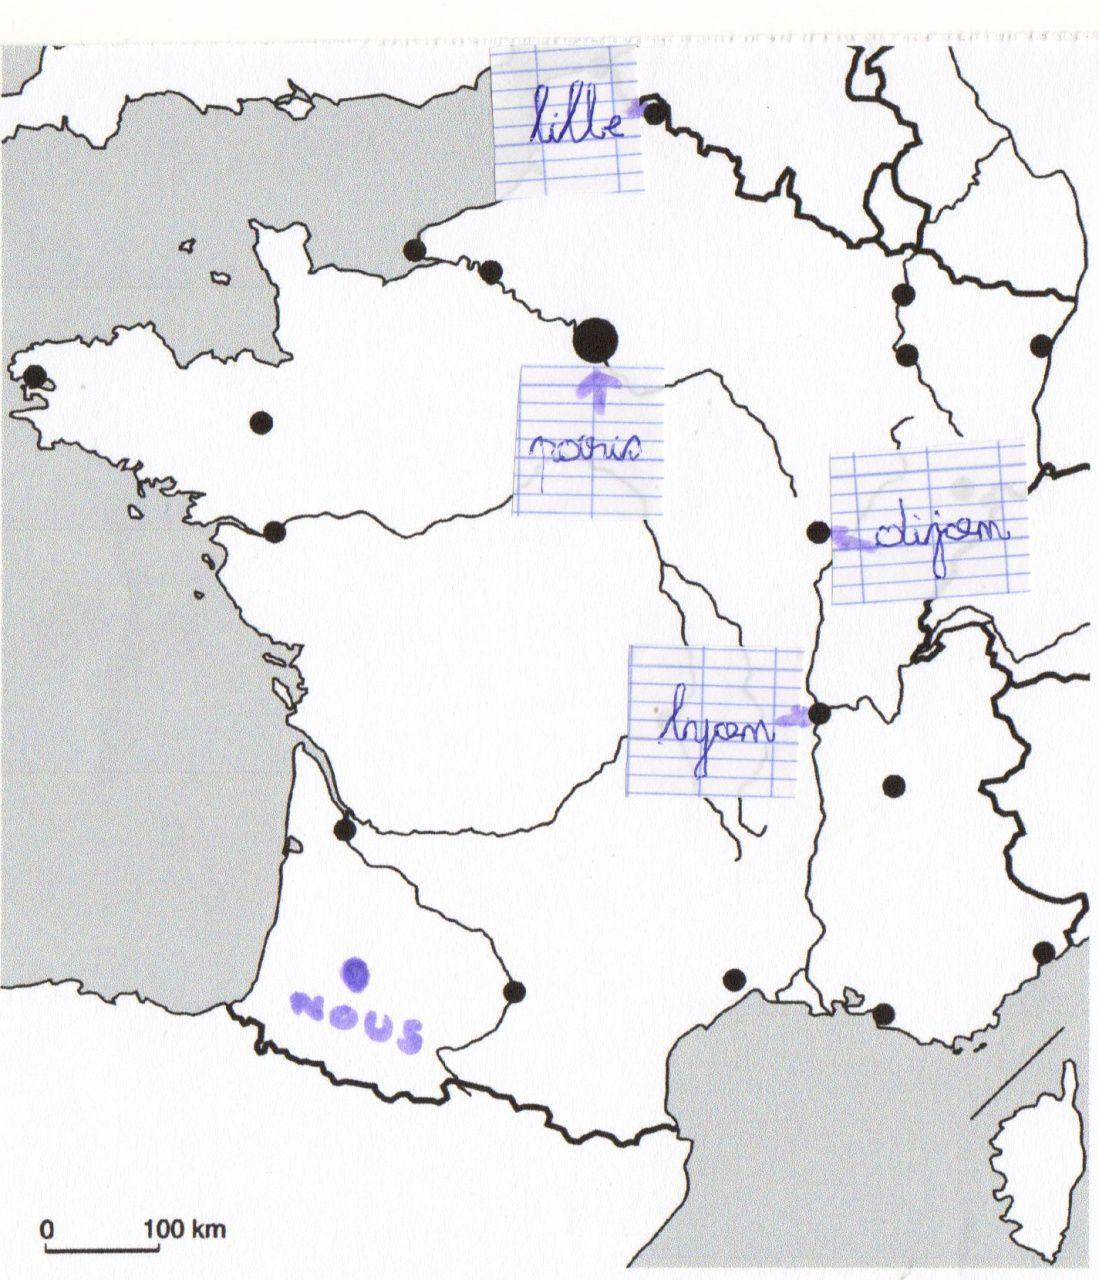 Télécharger Carte De France À Compléter Pdf   Carte De concernant Carte De France Muette À Compléter